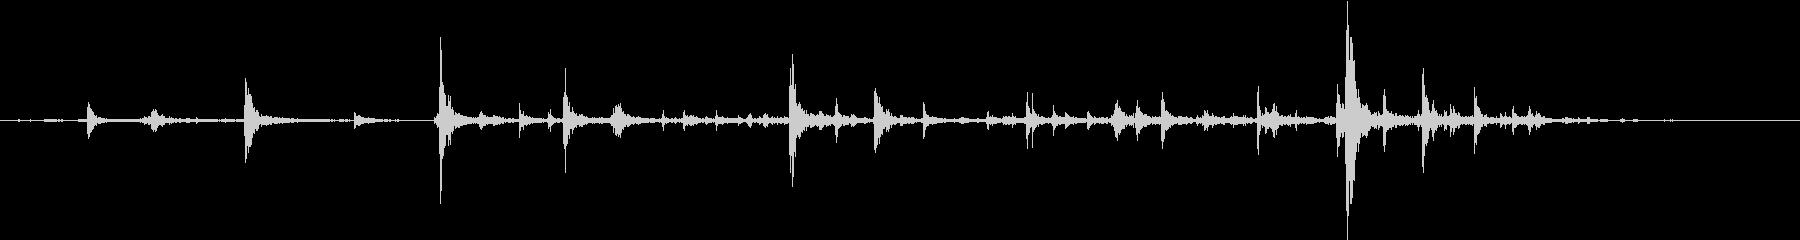 【生録音】弁当・惣菜パックの音 3の未再生の波形